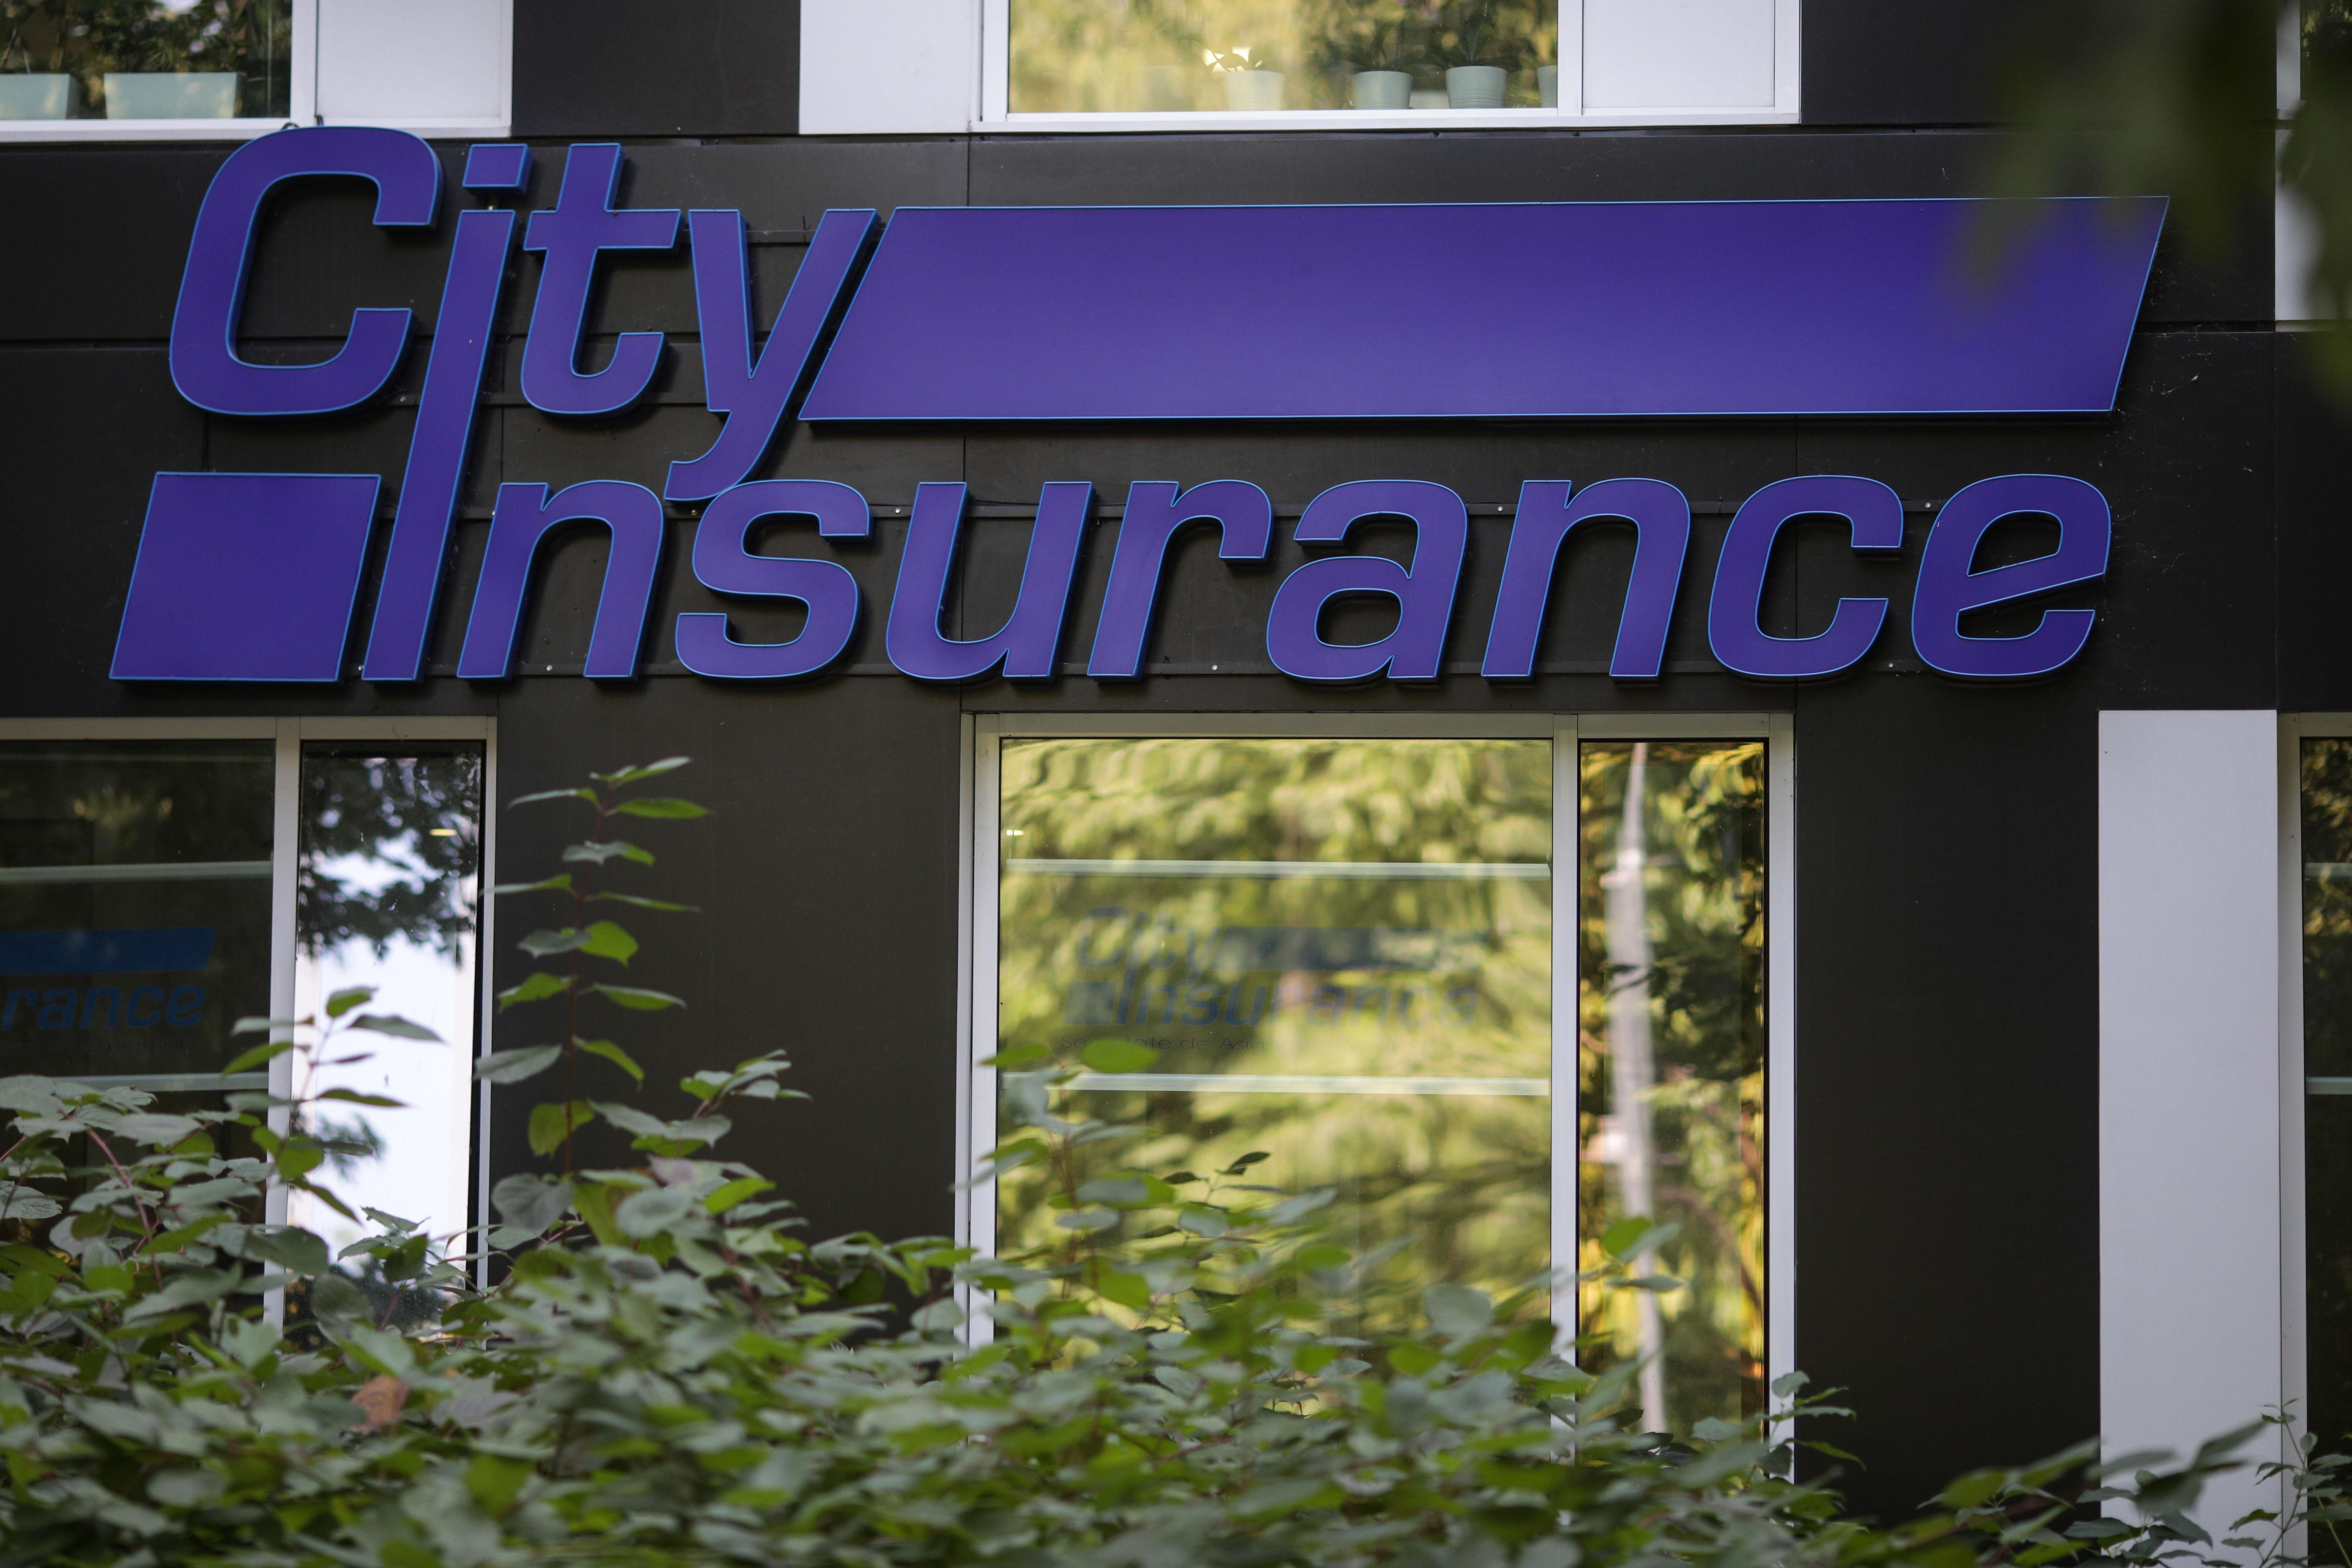 Polițiștii ridică documente de la City Insurance. Ar fi vorba despre împrumuturi fictive de la bănci din Elveţia